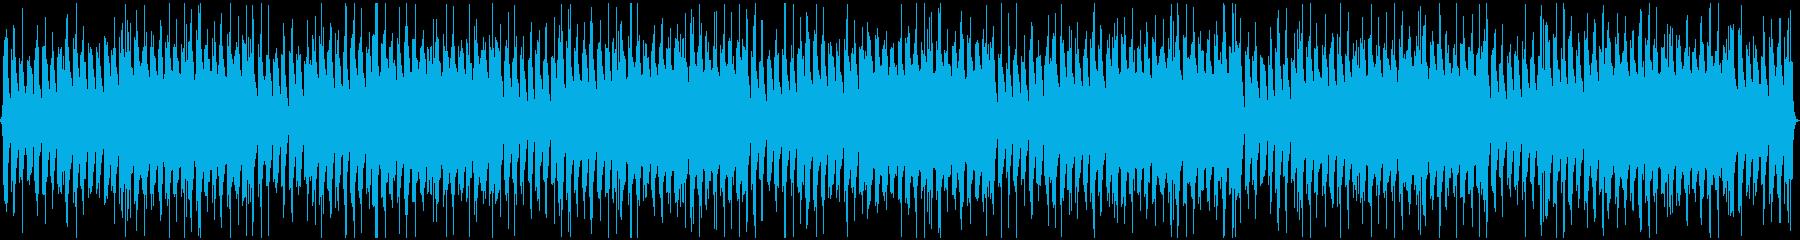 エレキギター、企業VPの再生済みの波形